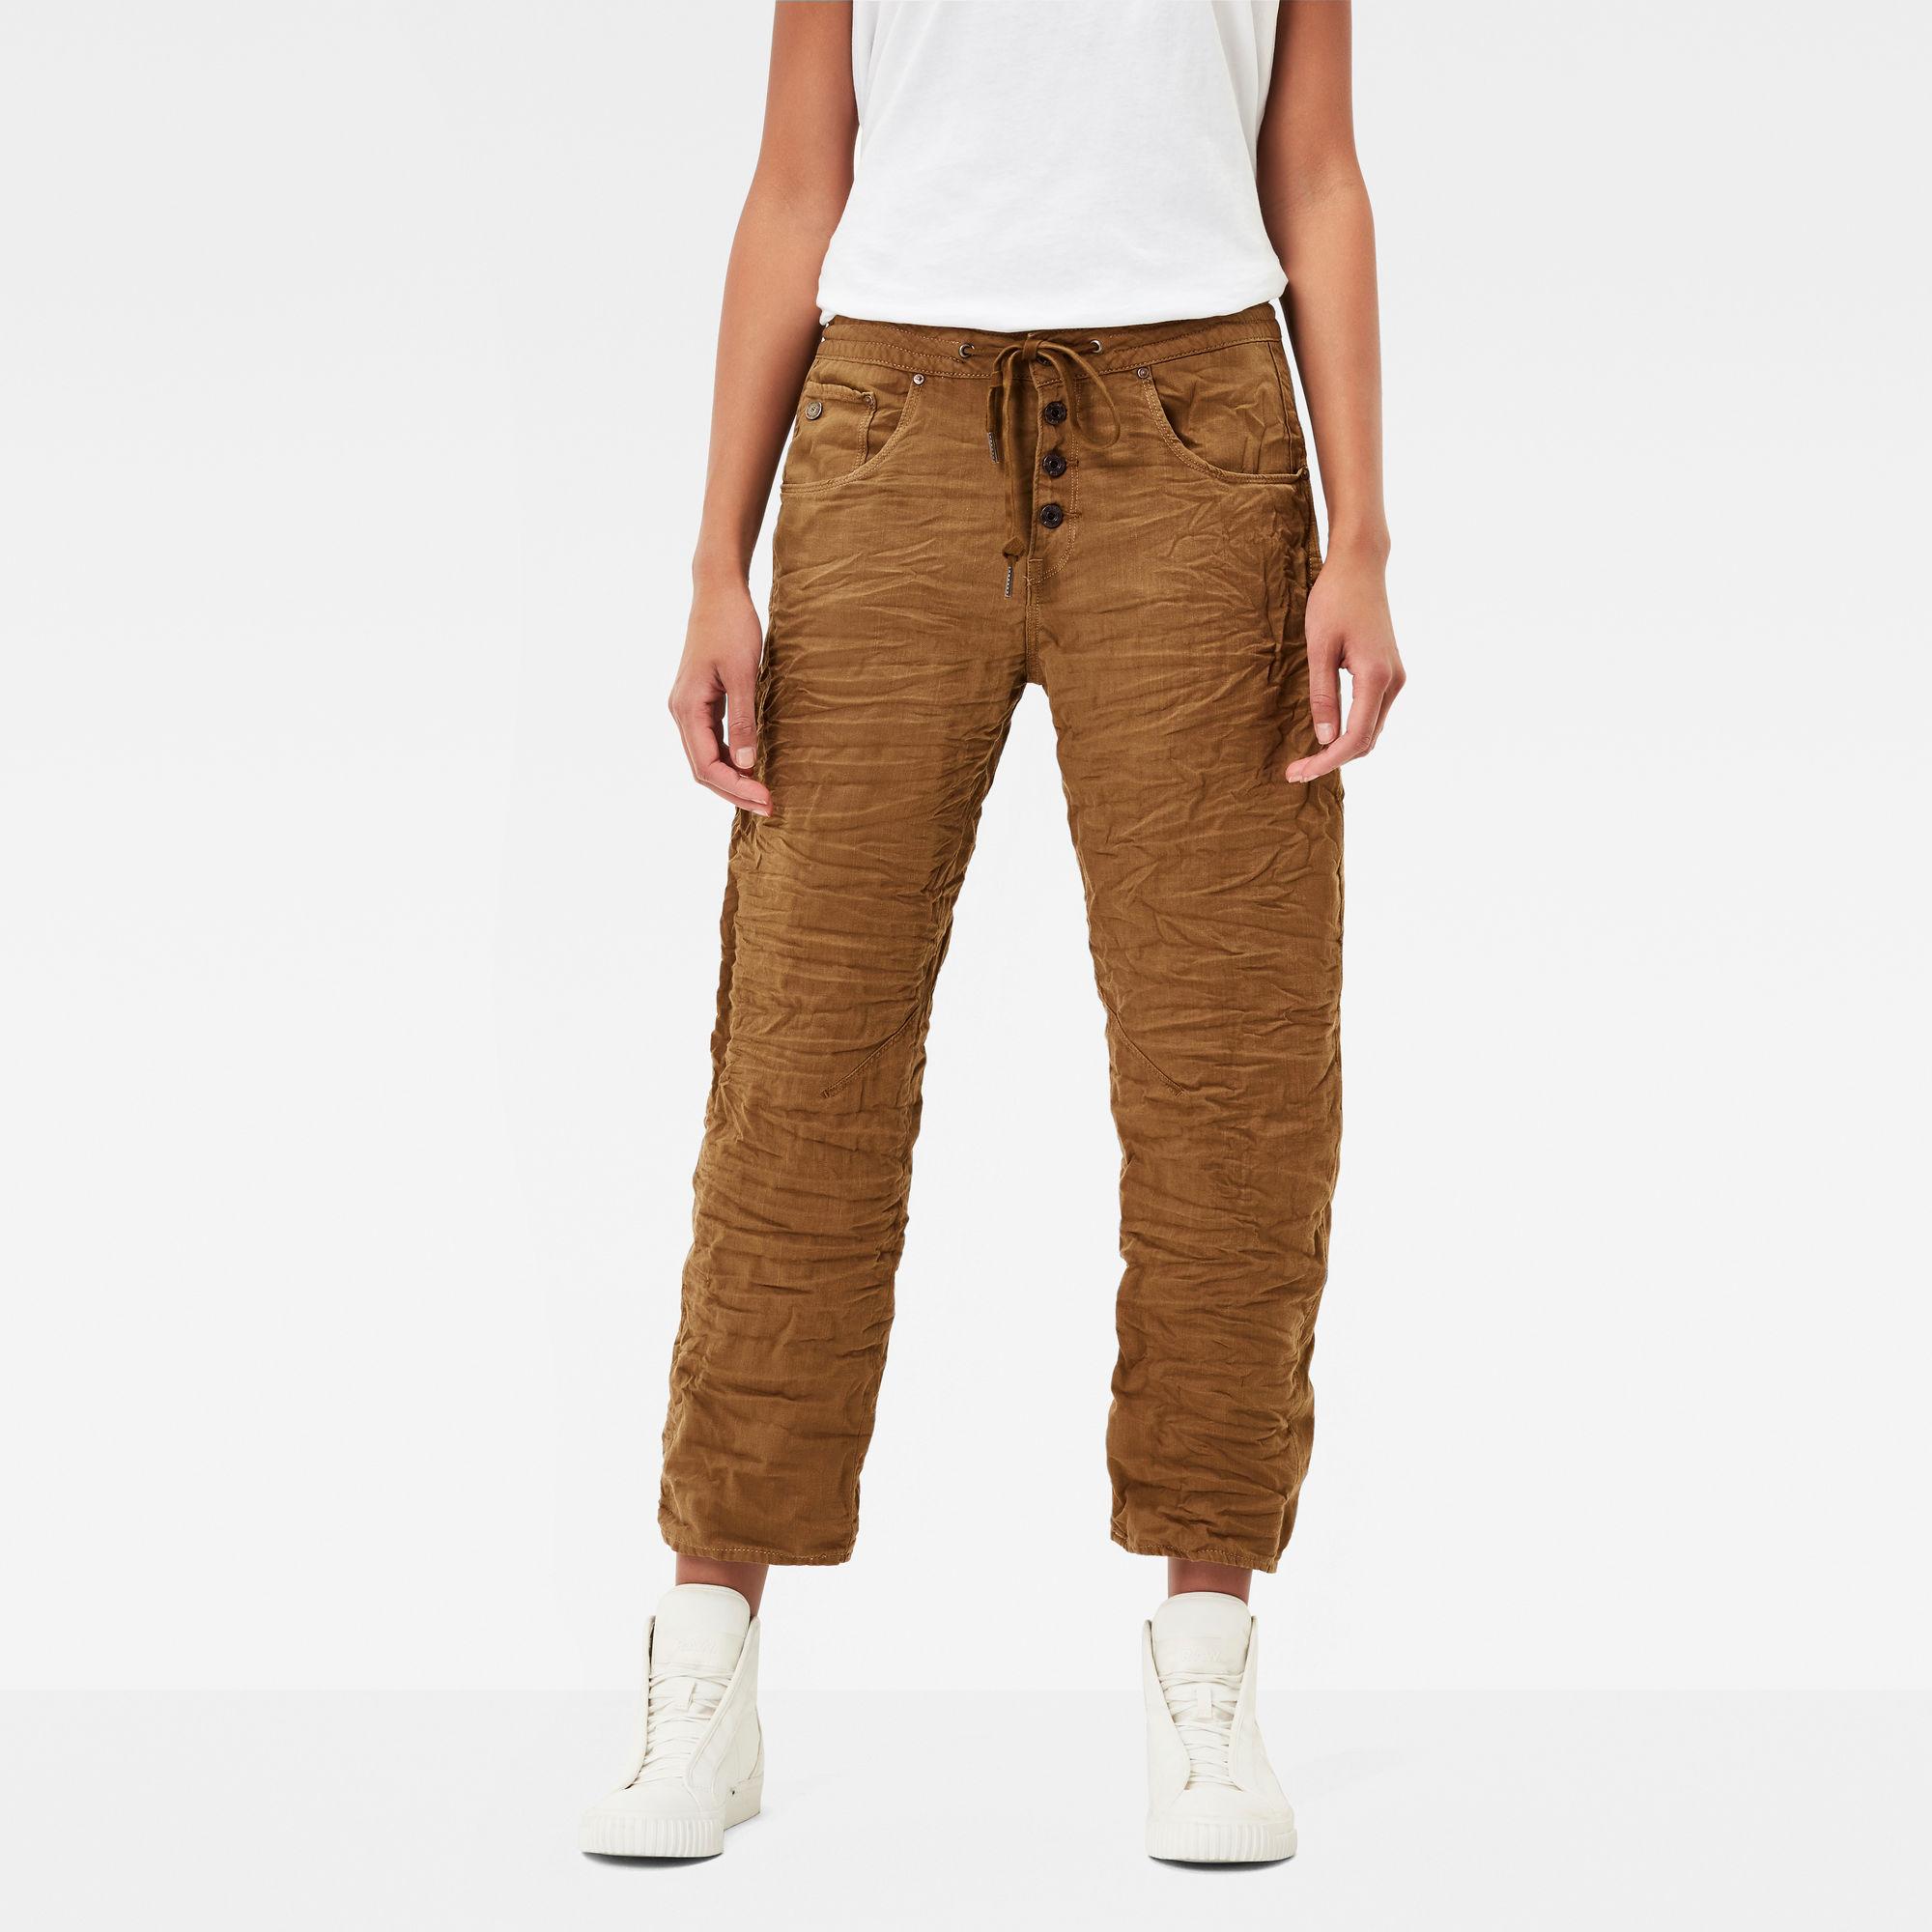 Arc 3D Oversized Low Waist 7 8 Jeans